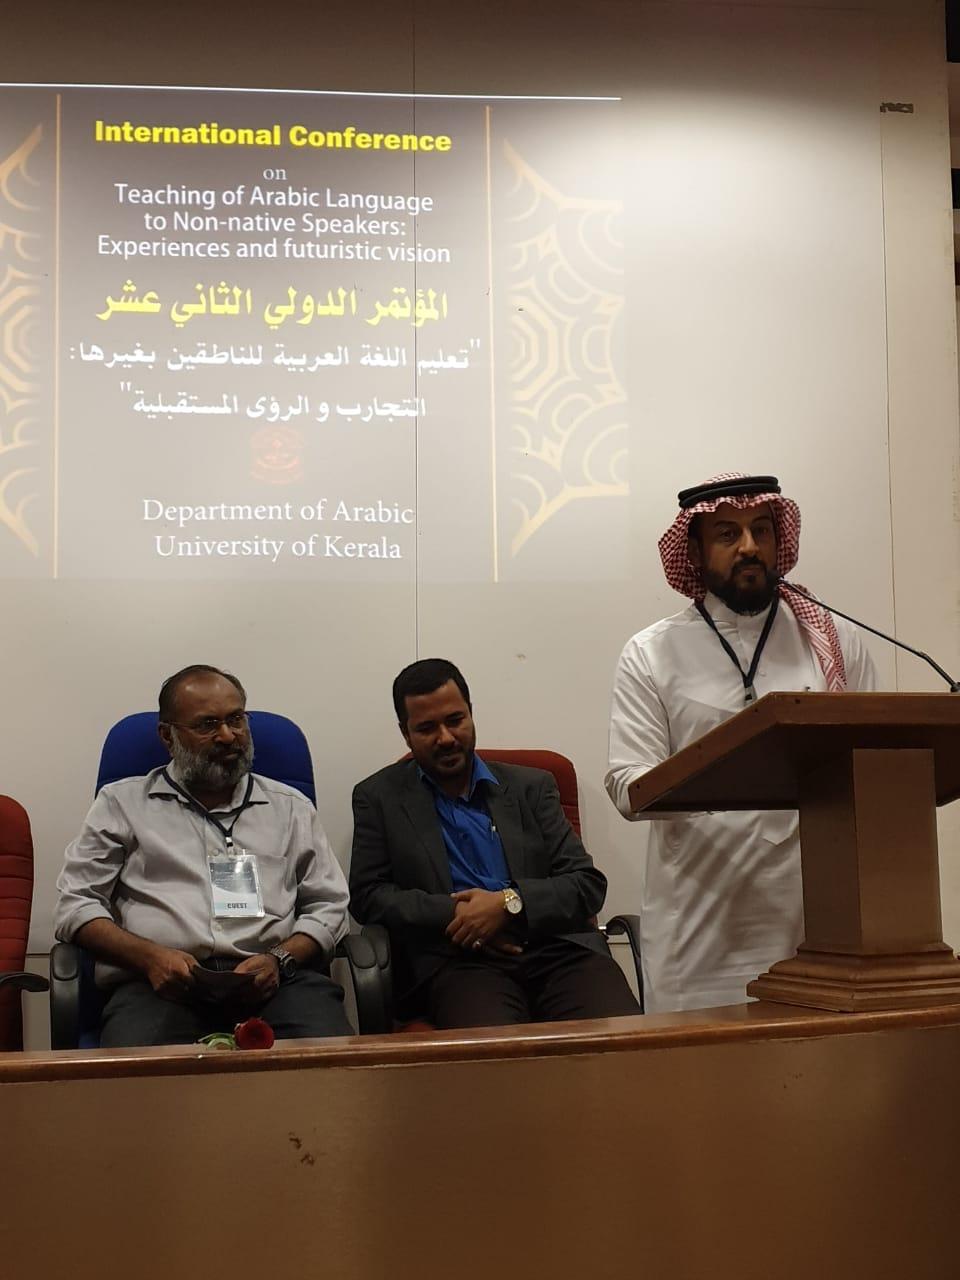 افتتاح مؤتمر اللغة العربية في جامعة كيرالاالدولي